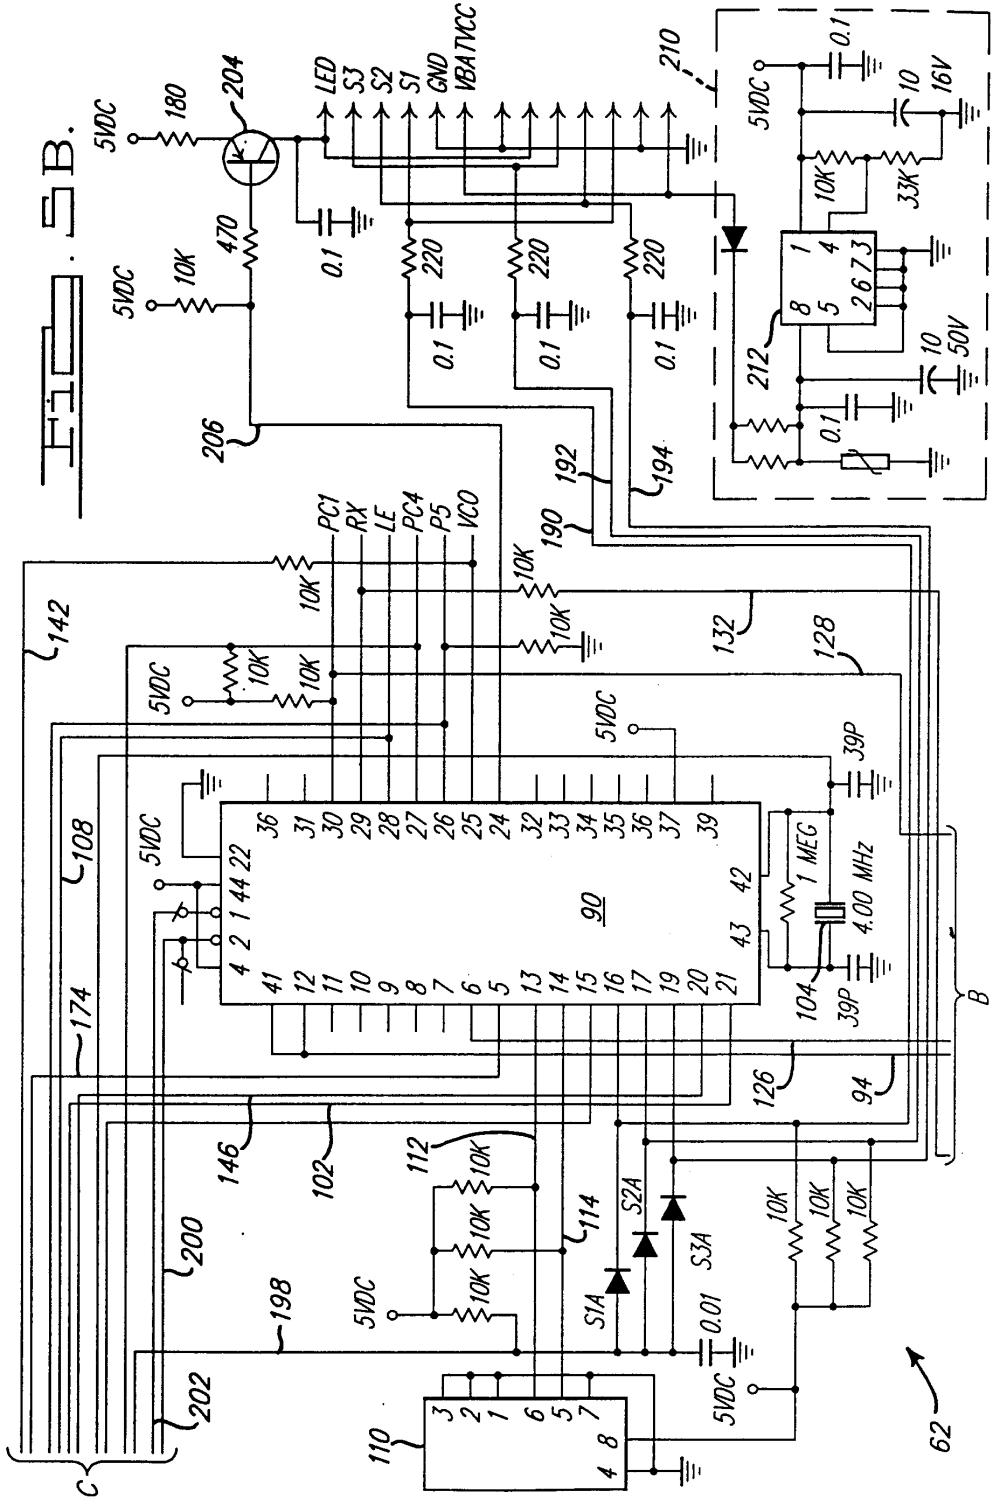 medium resolution of  00350001 patent ep0875646a1 universal garage door opener google patents genie garage door opener wiring schematic at